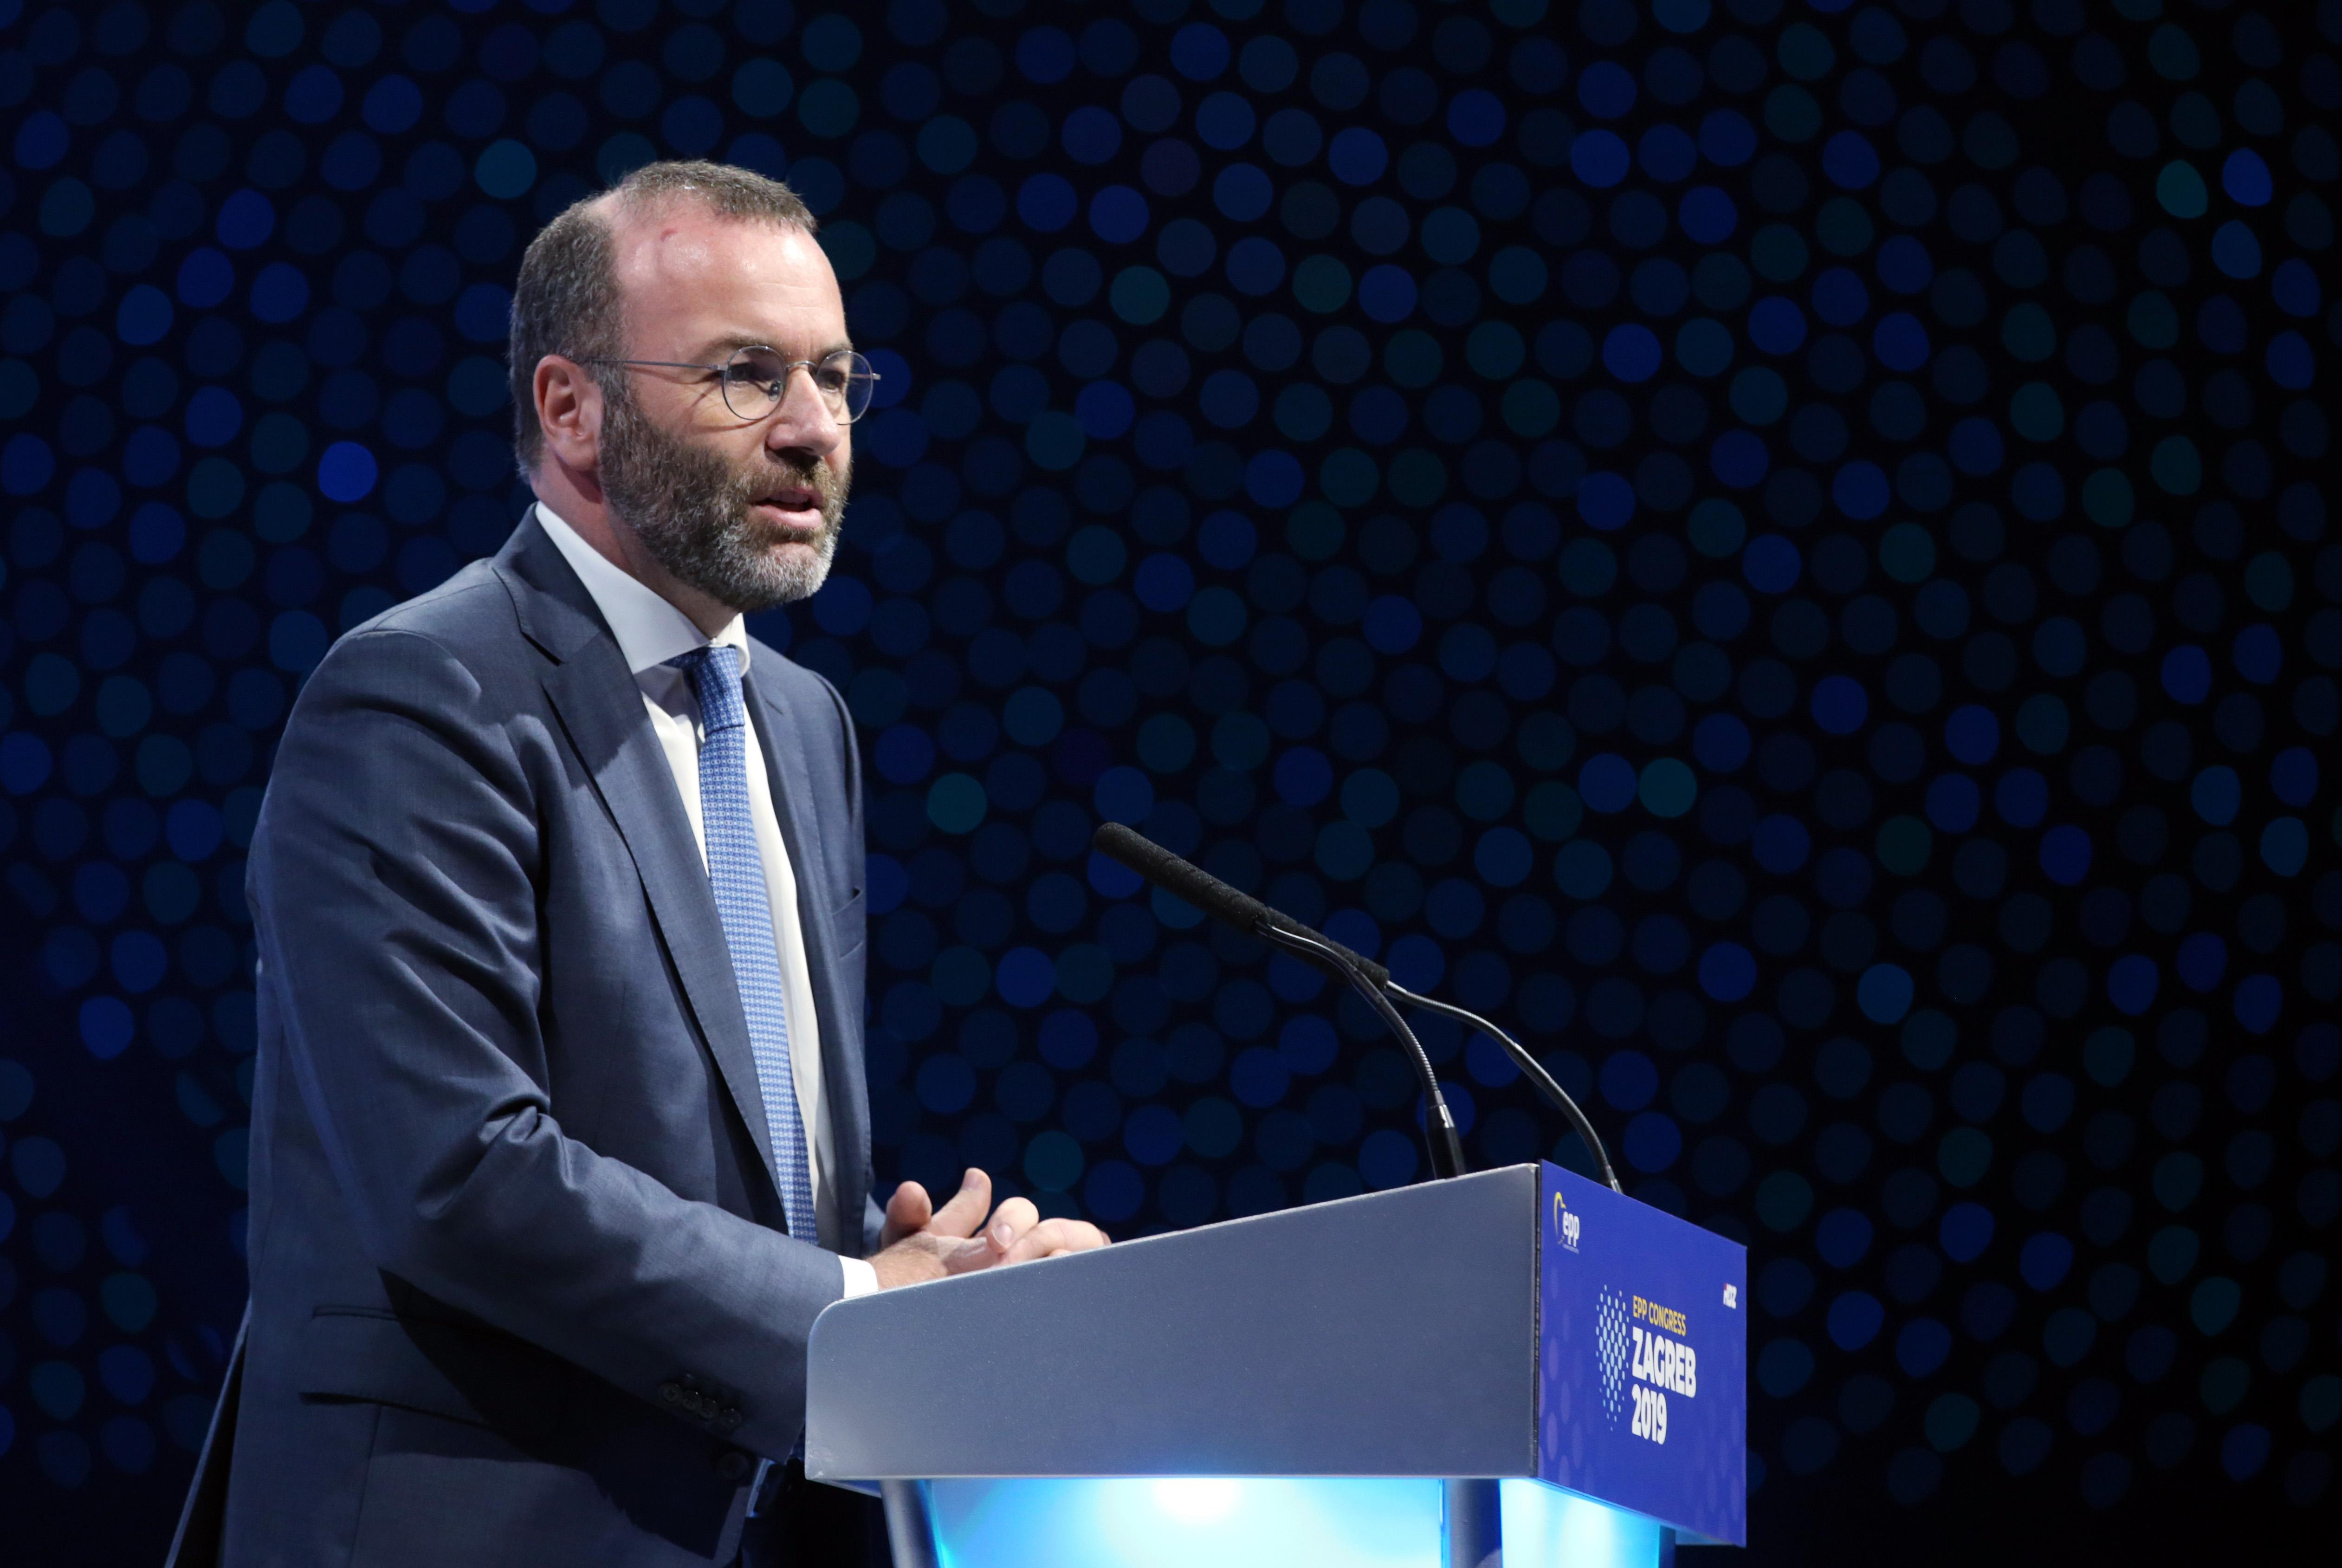 Manfred Weber szerint Orbán fordított hátat a keresztény alapértékeknek